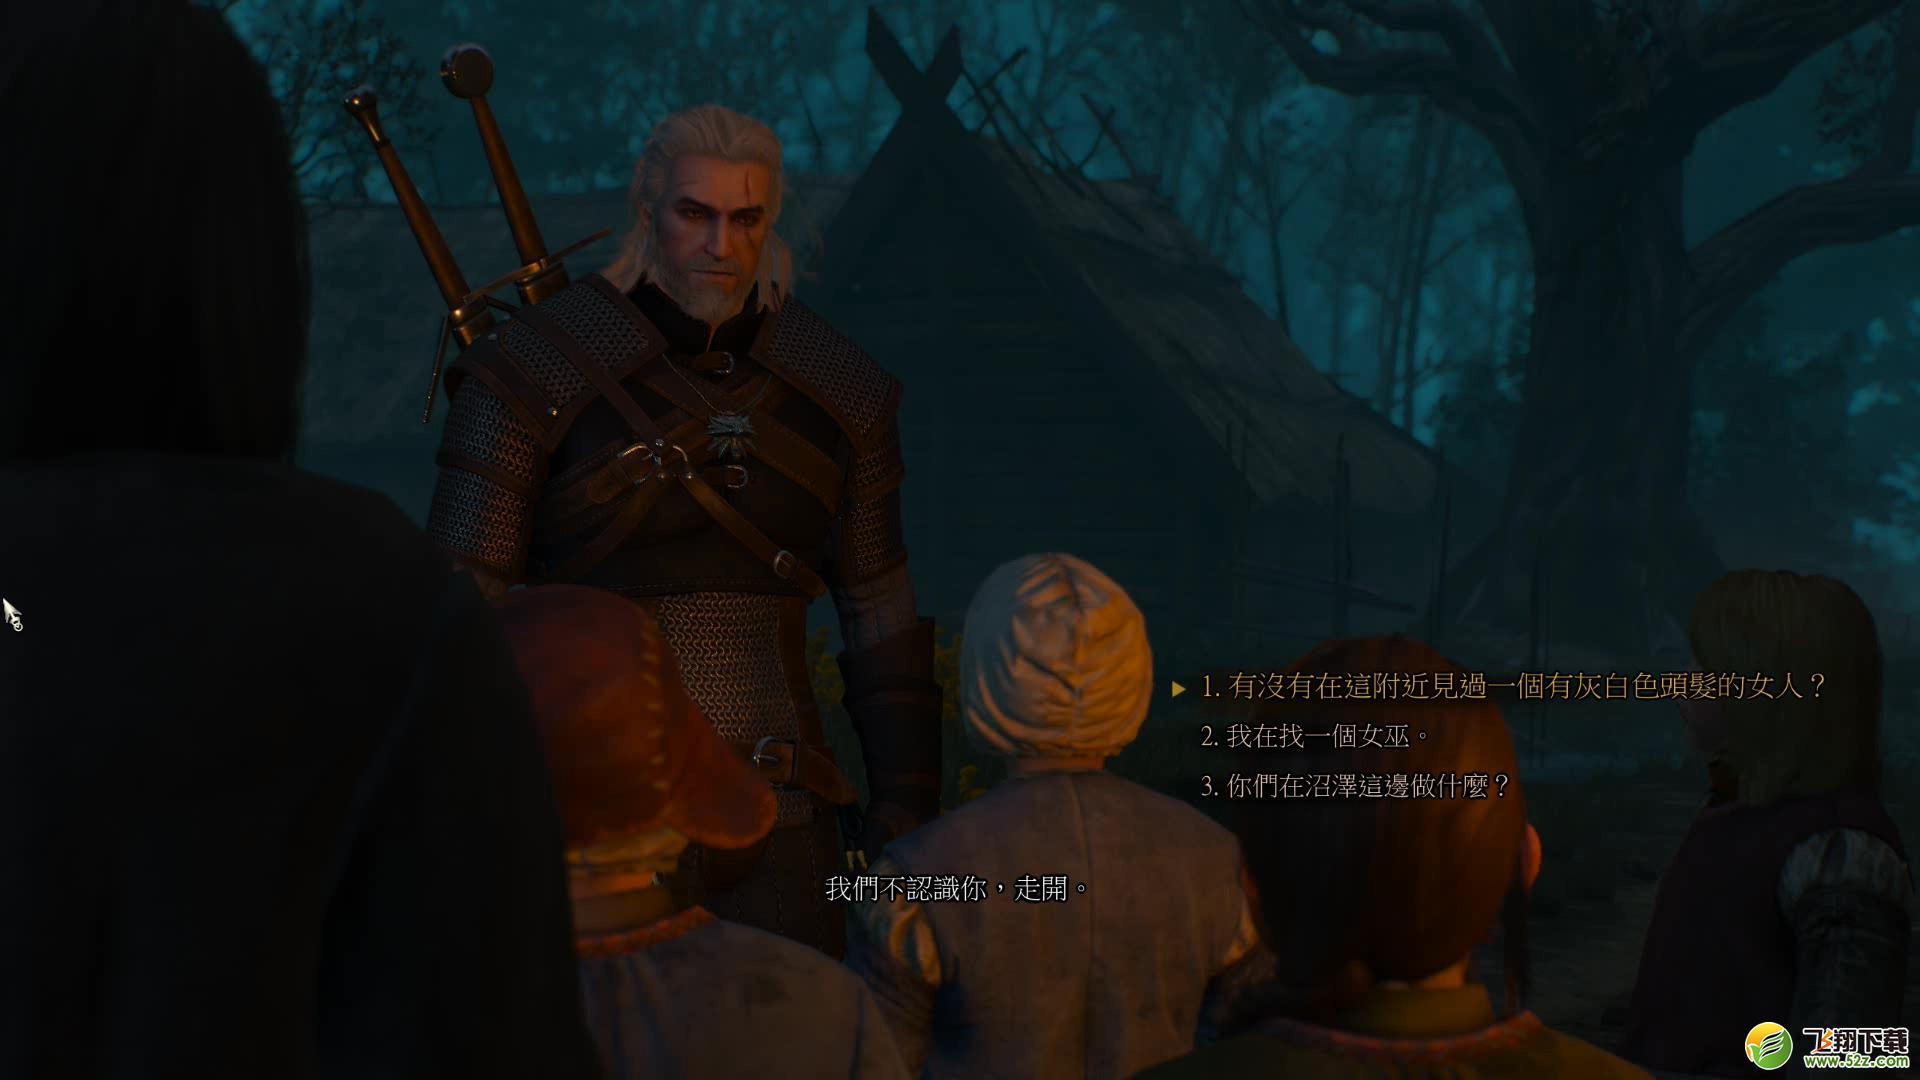 巫师3林中夫人任务怎么做_巫师3林中夫人任务图文攻略